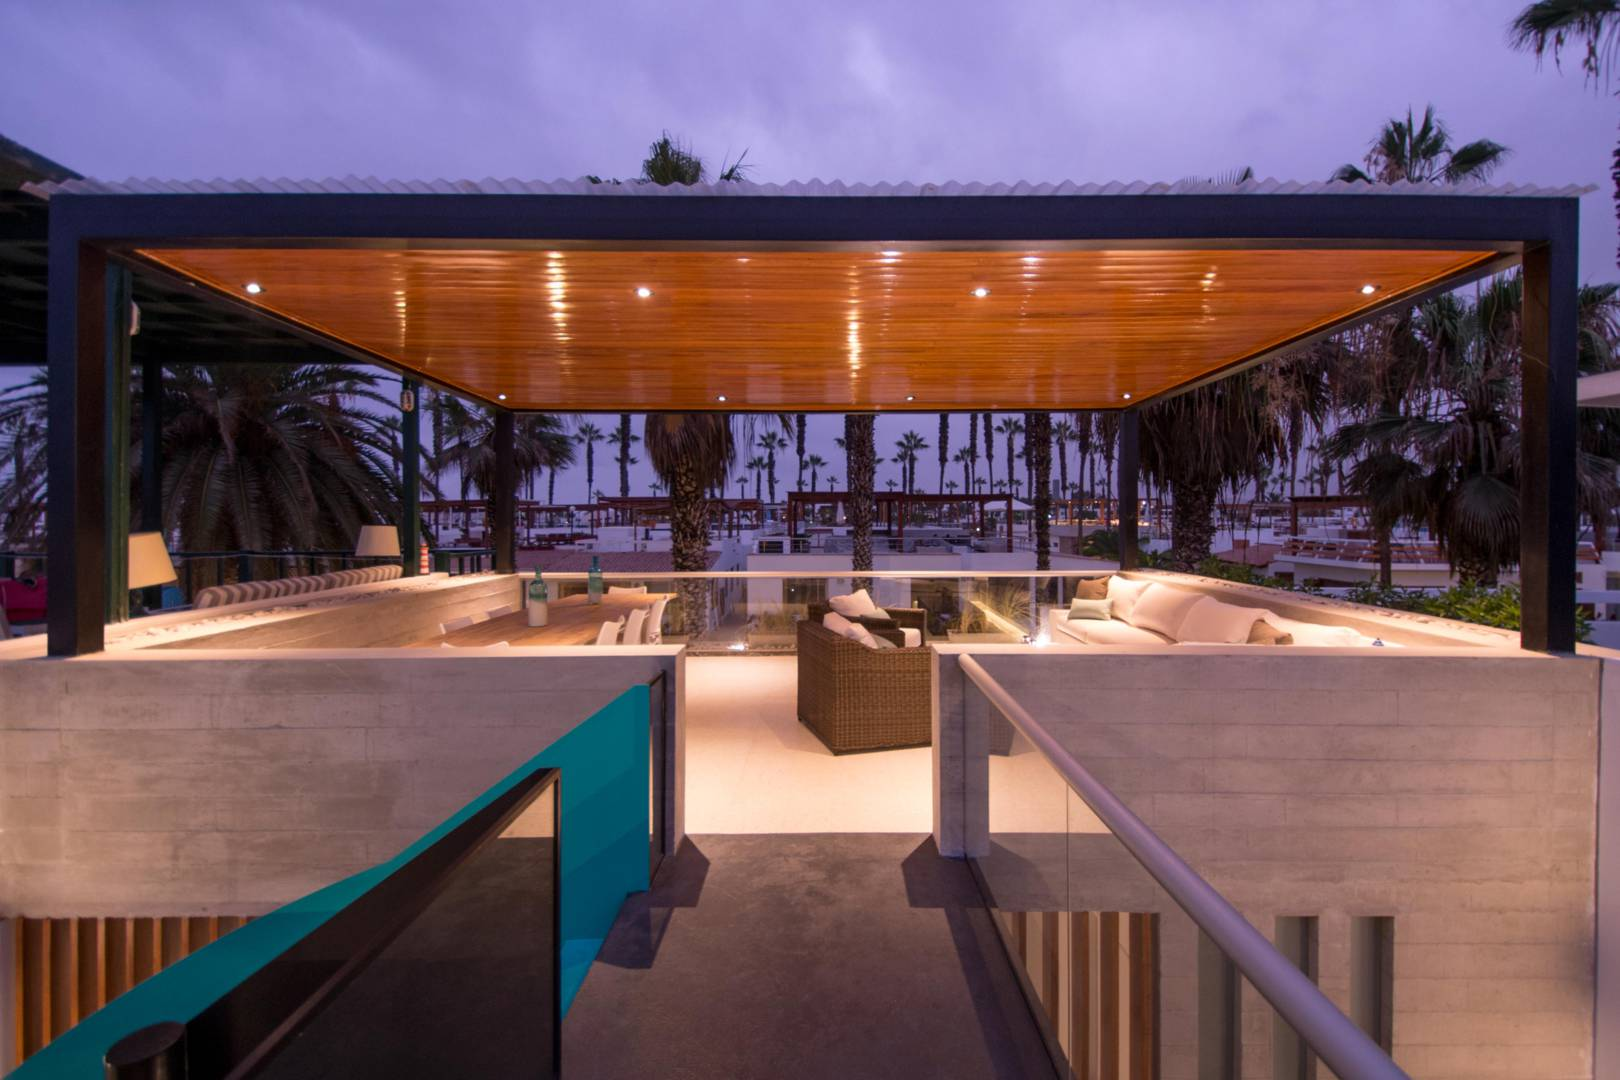 Casa S - Romo Arquitectos (53 of 94)